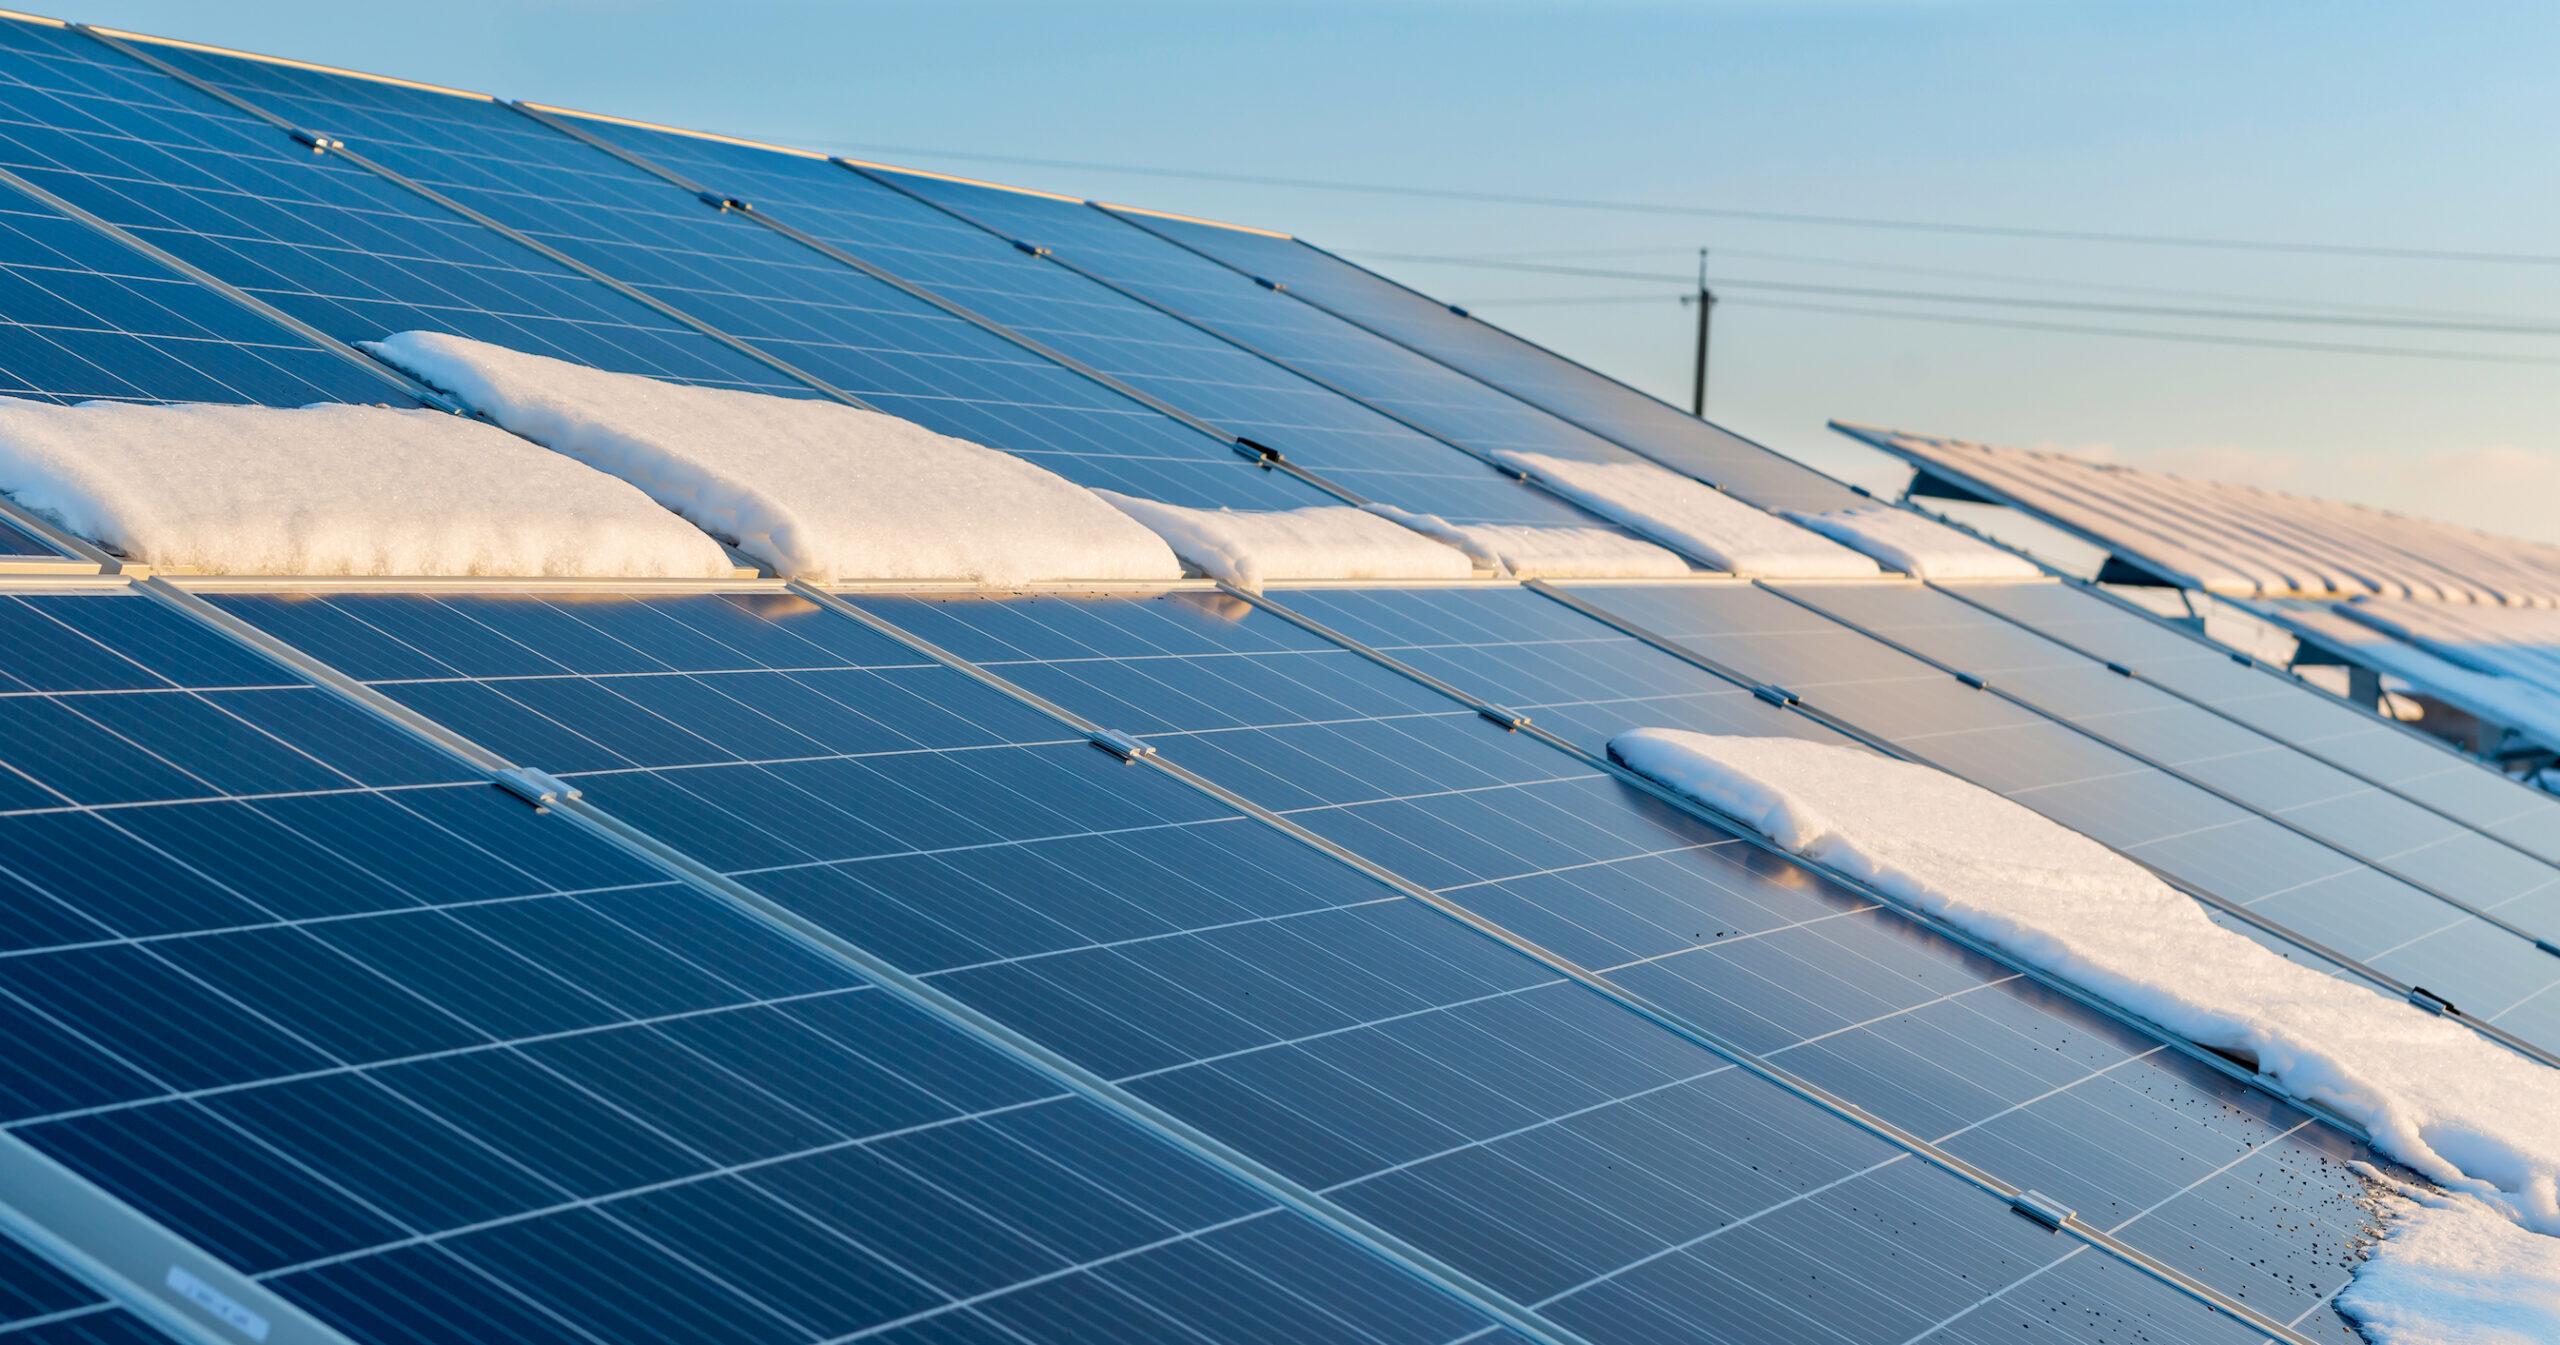 Pourquoi est-il judicieux d'installer ses panneaux photovoltaïques en hiver?